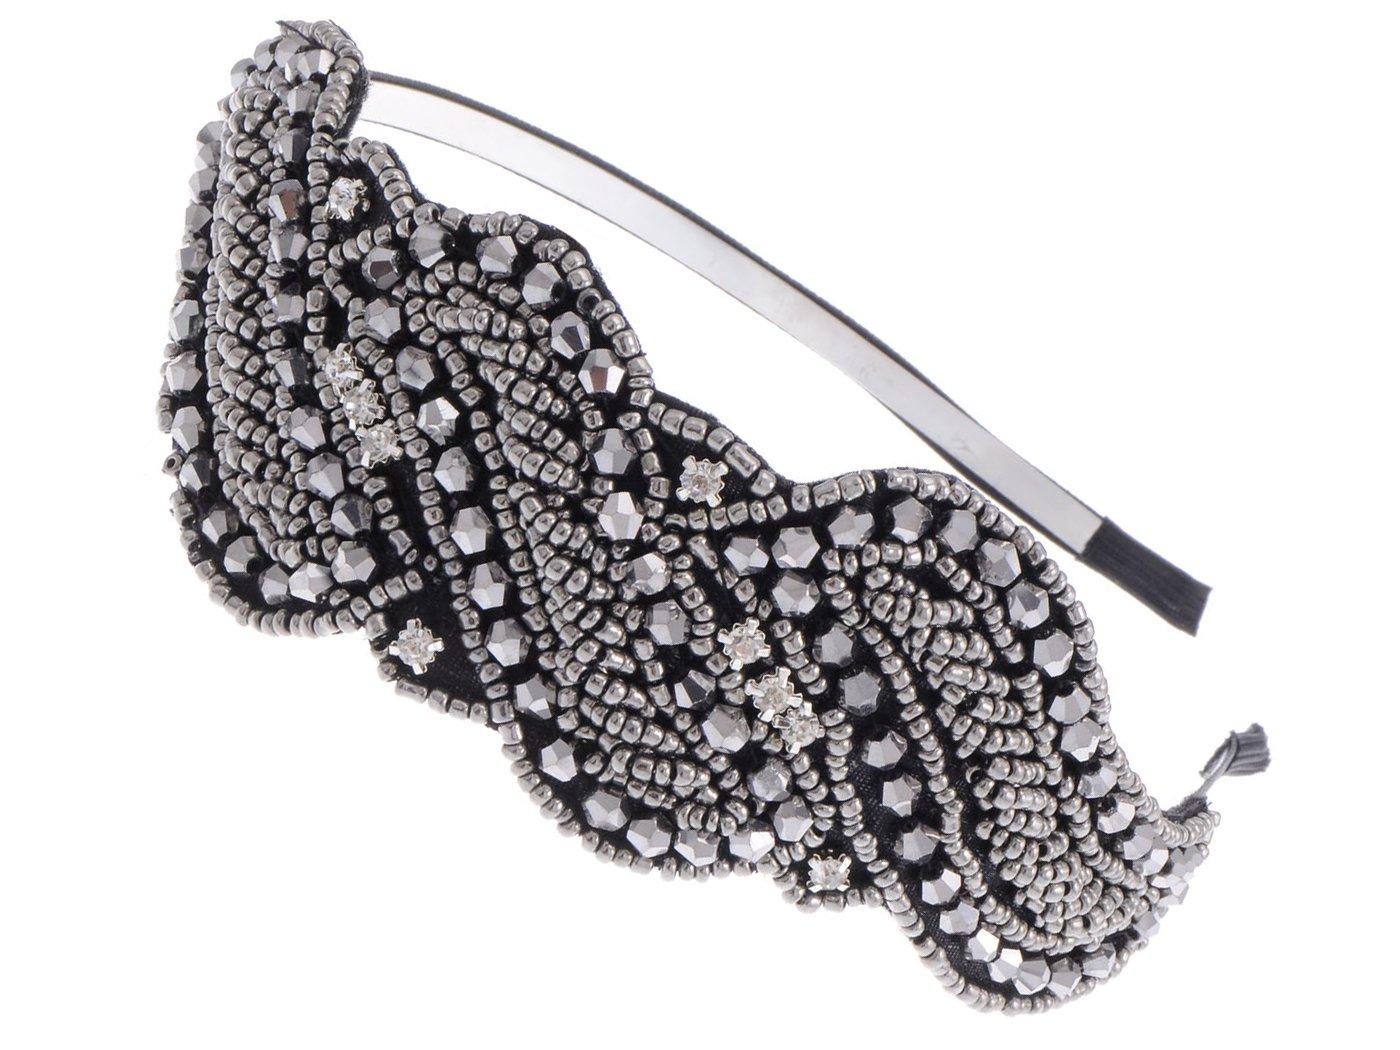 Alilang Metallic Gunmetal Grey Beaded Headband Rhinestone Crystal Accents